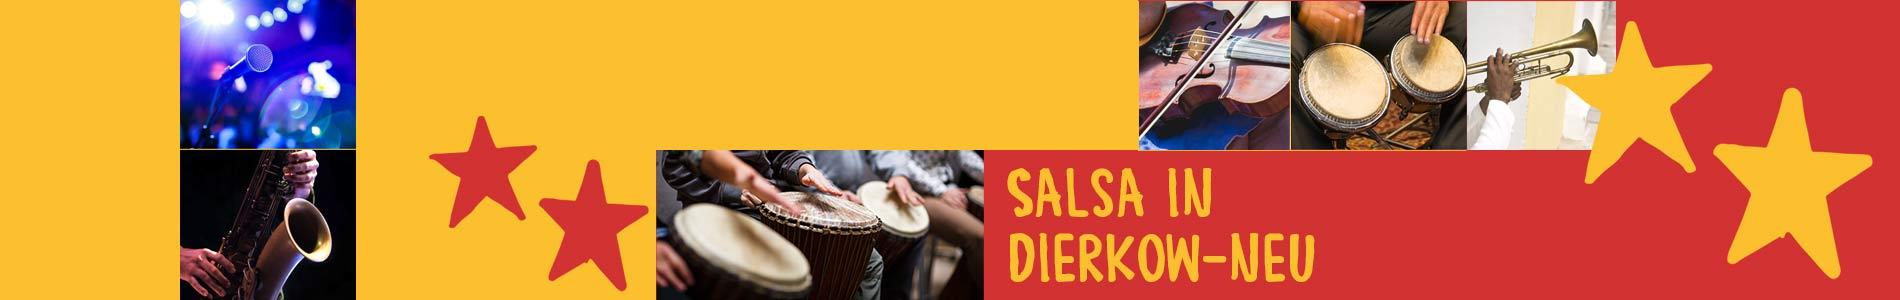 Salsa in Dierkow-Neu – Salsa lernen und tanzen, Tanzkurse, Partys, Veranstaltungen